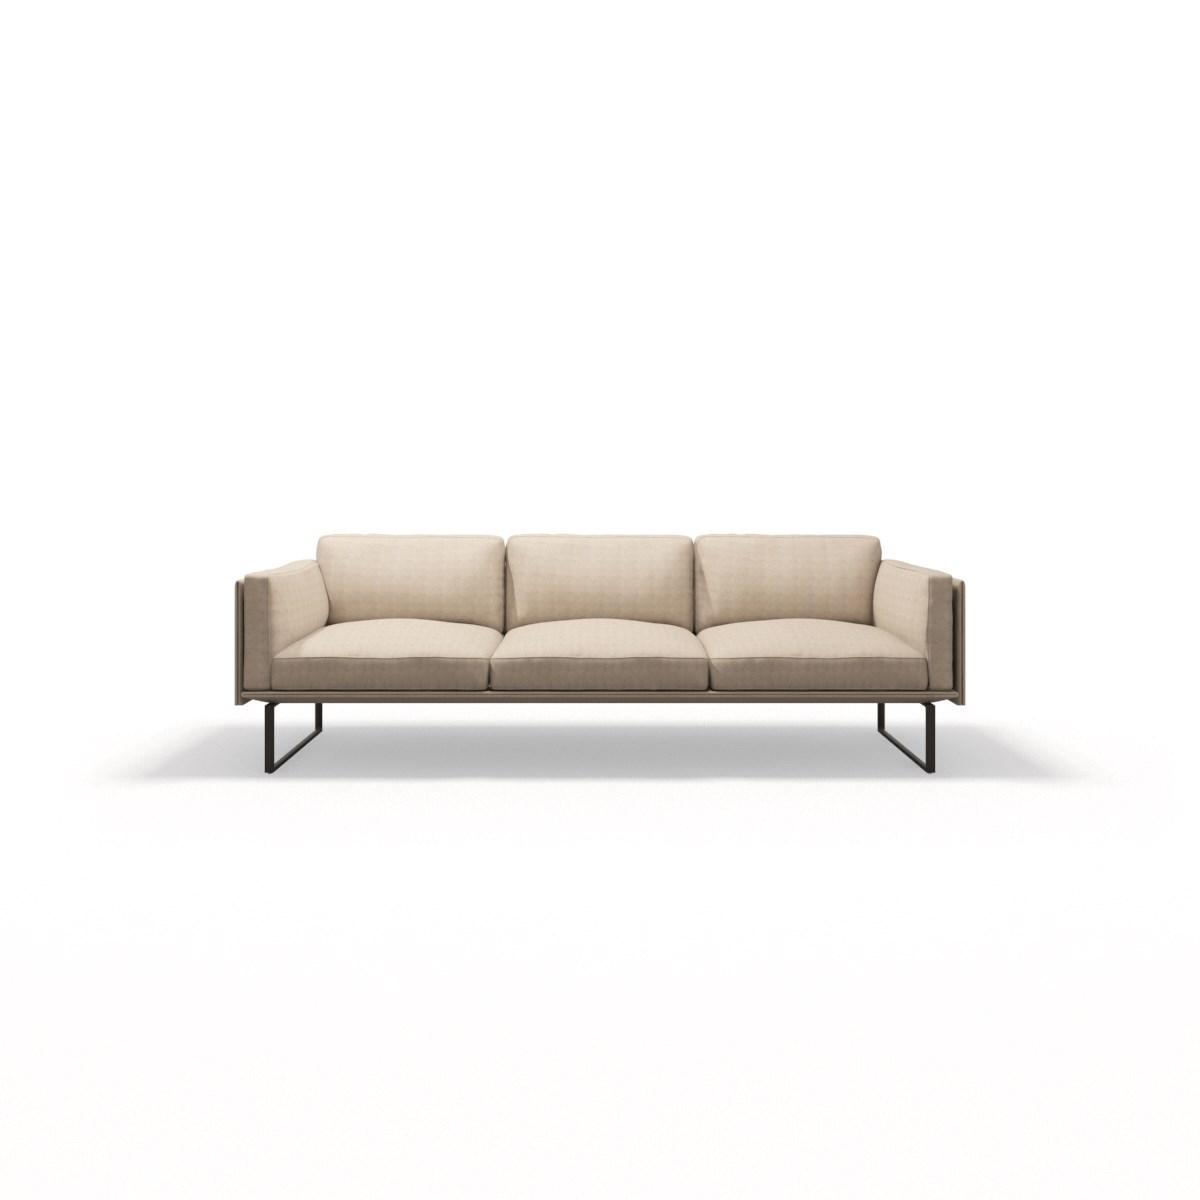 4564 Still Life Divani Catalogo Living Collection 2019 202 8 Piero Lissoni Lipari 13L631 Cenere